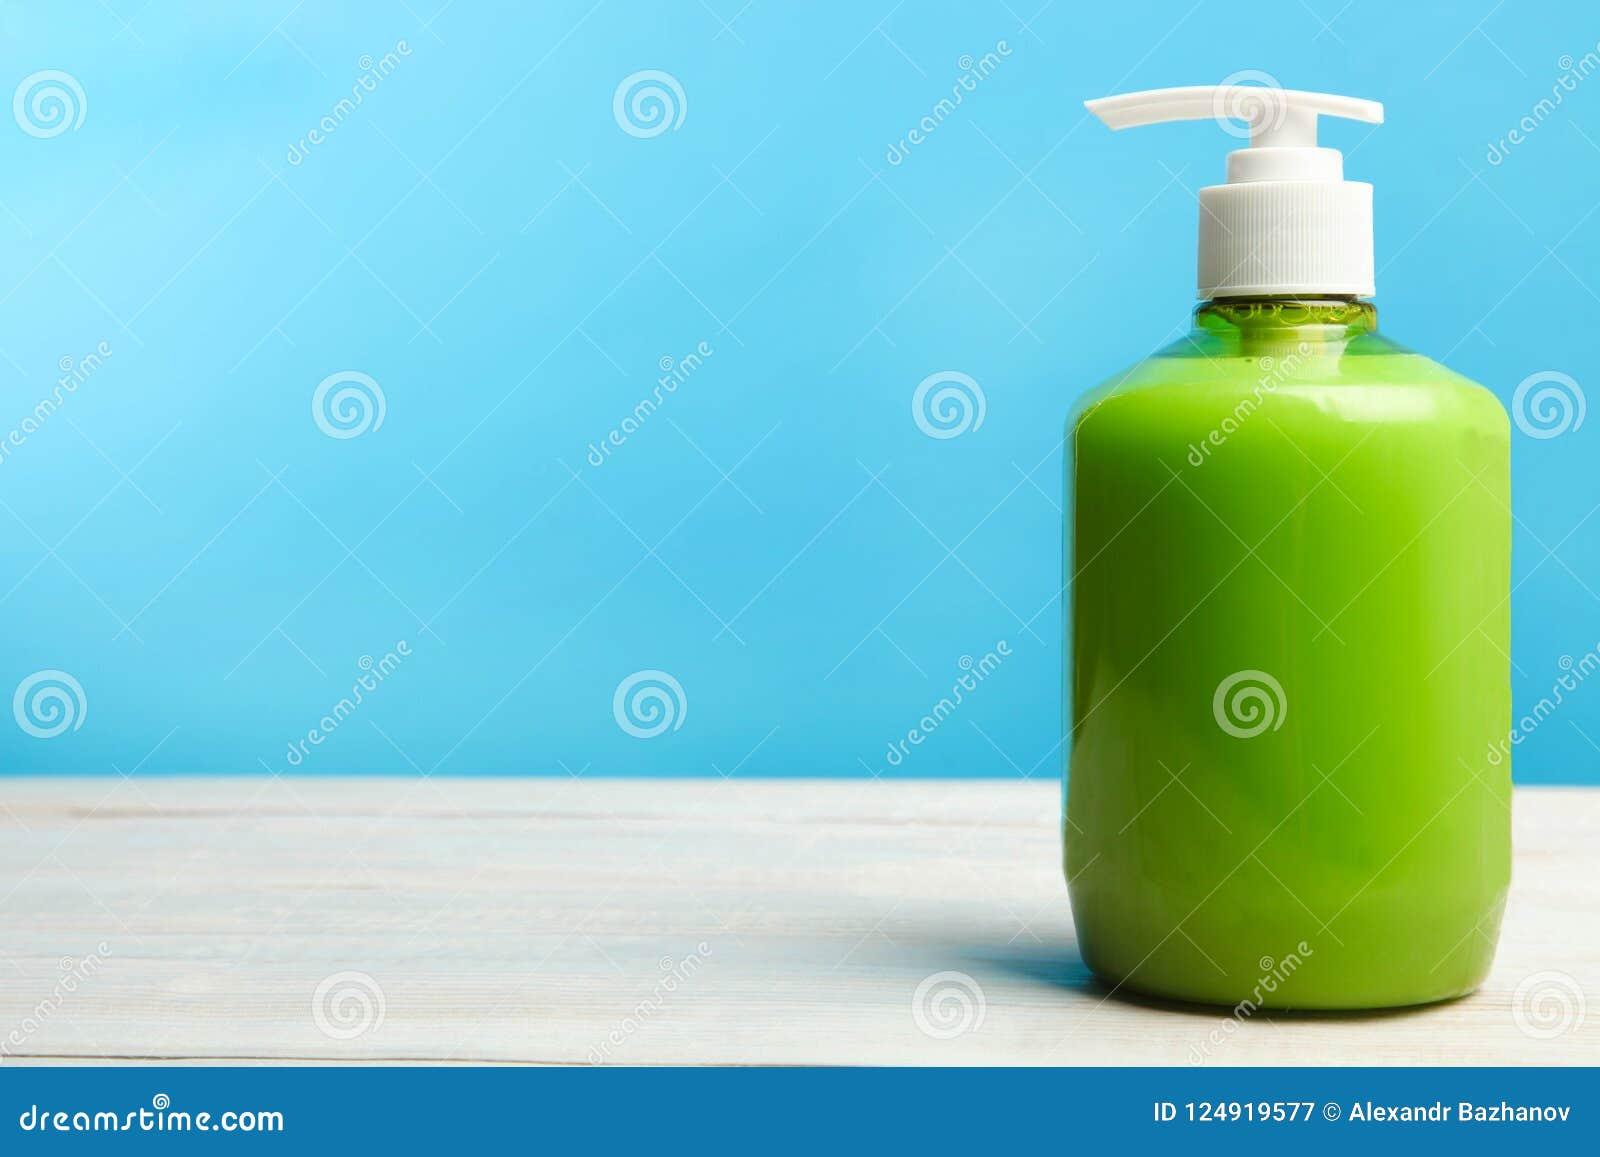 Jabón líquido de la mano